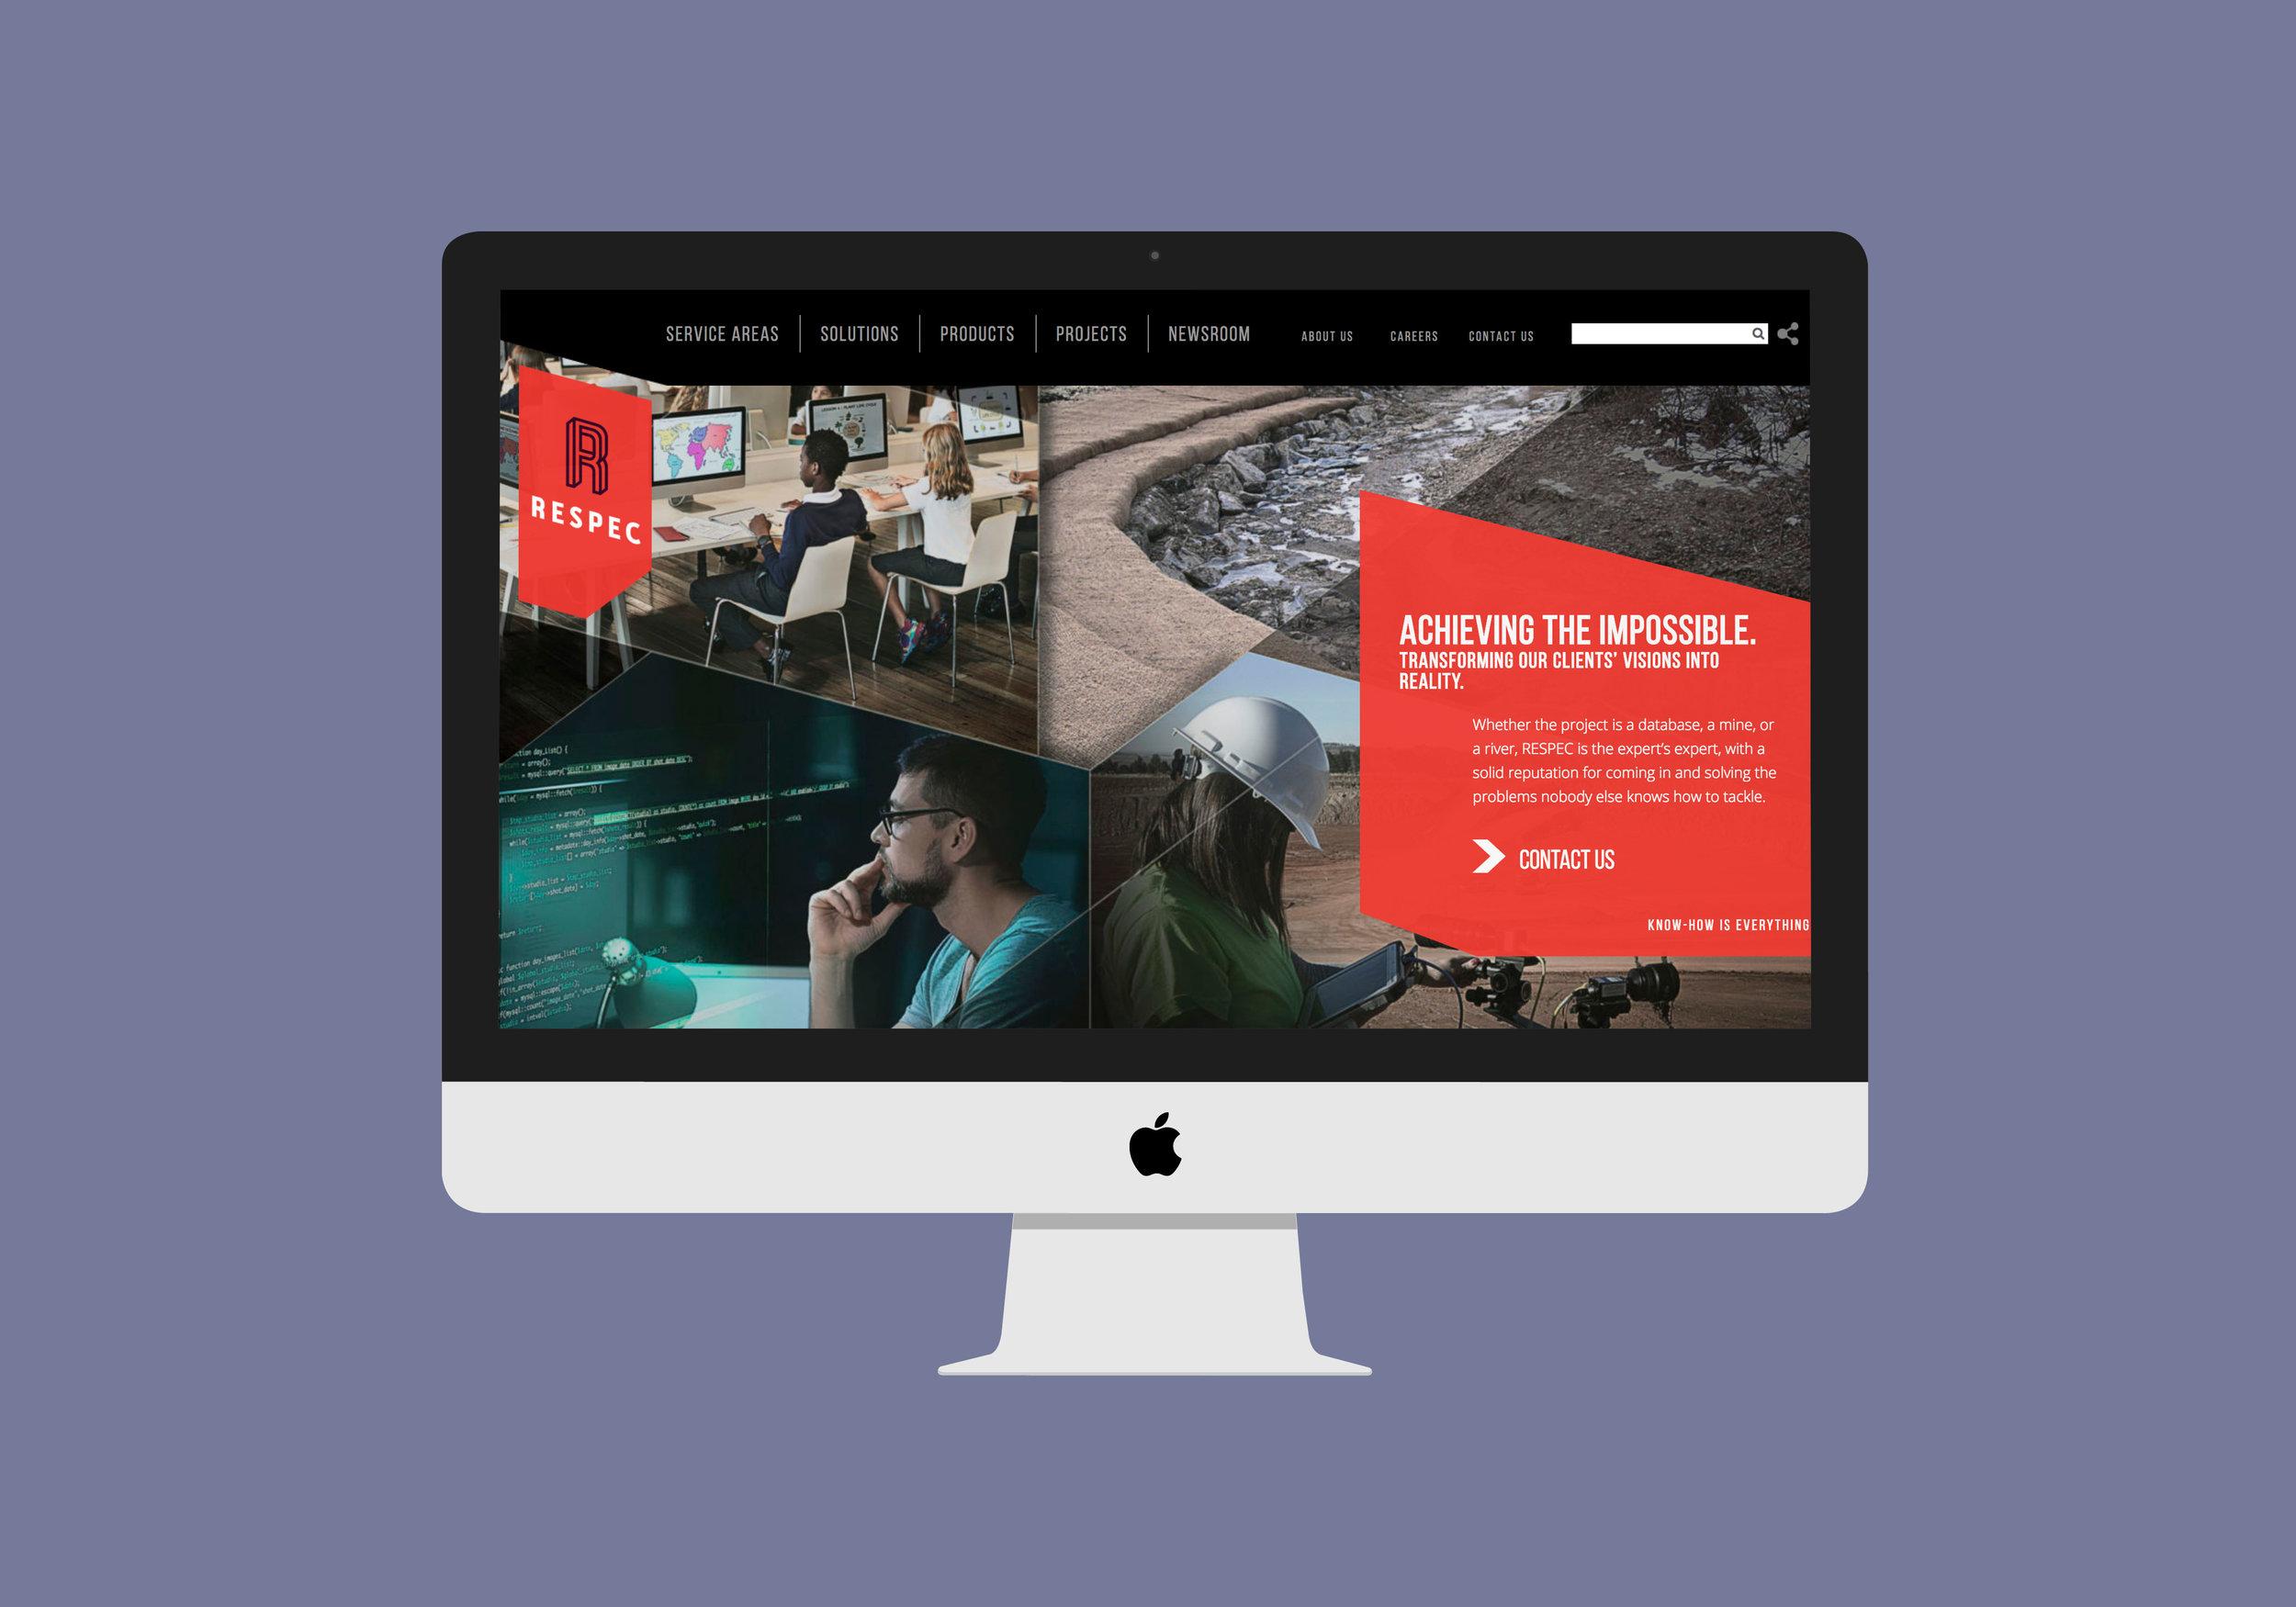 respec-homepage.jpg